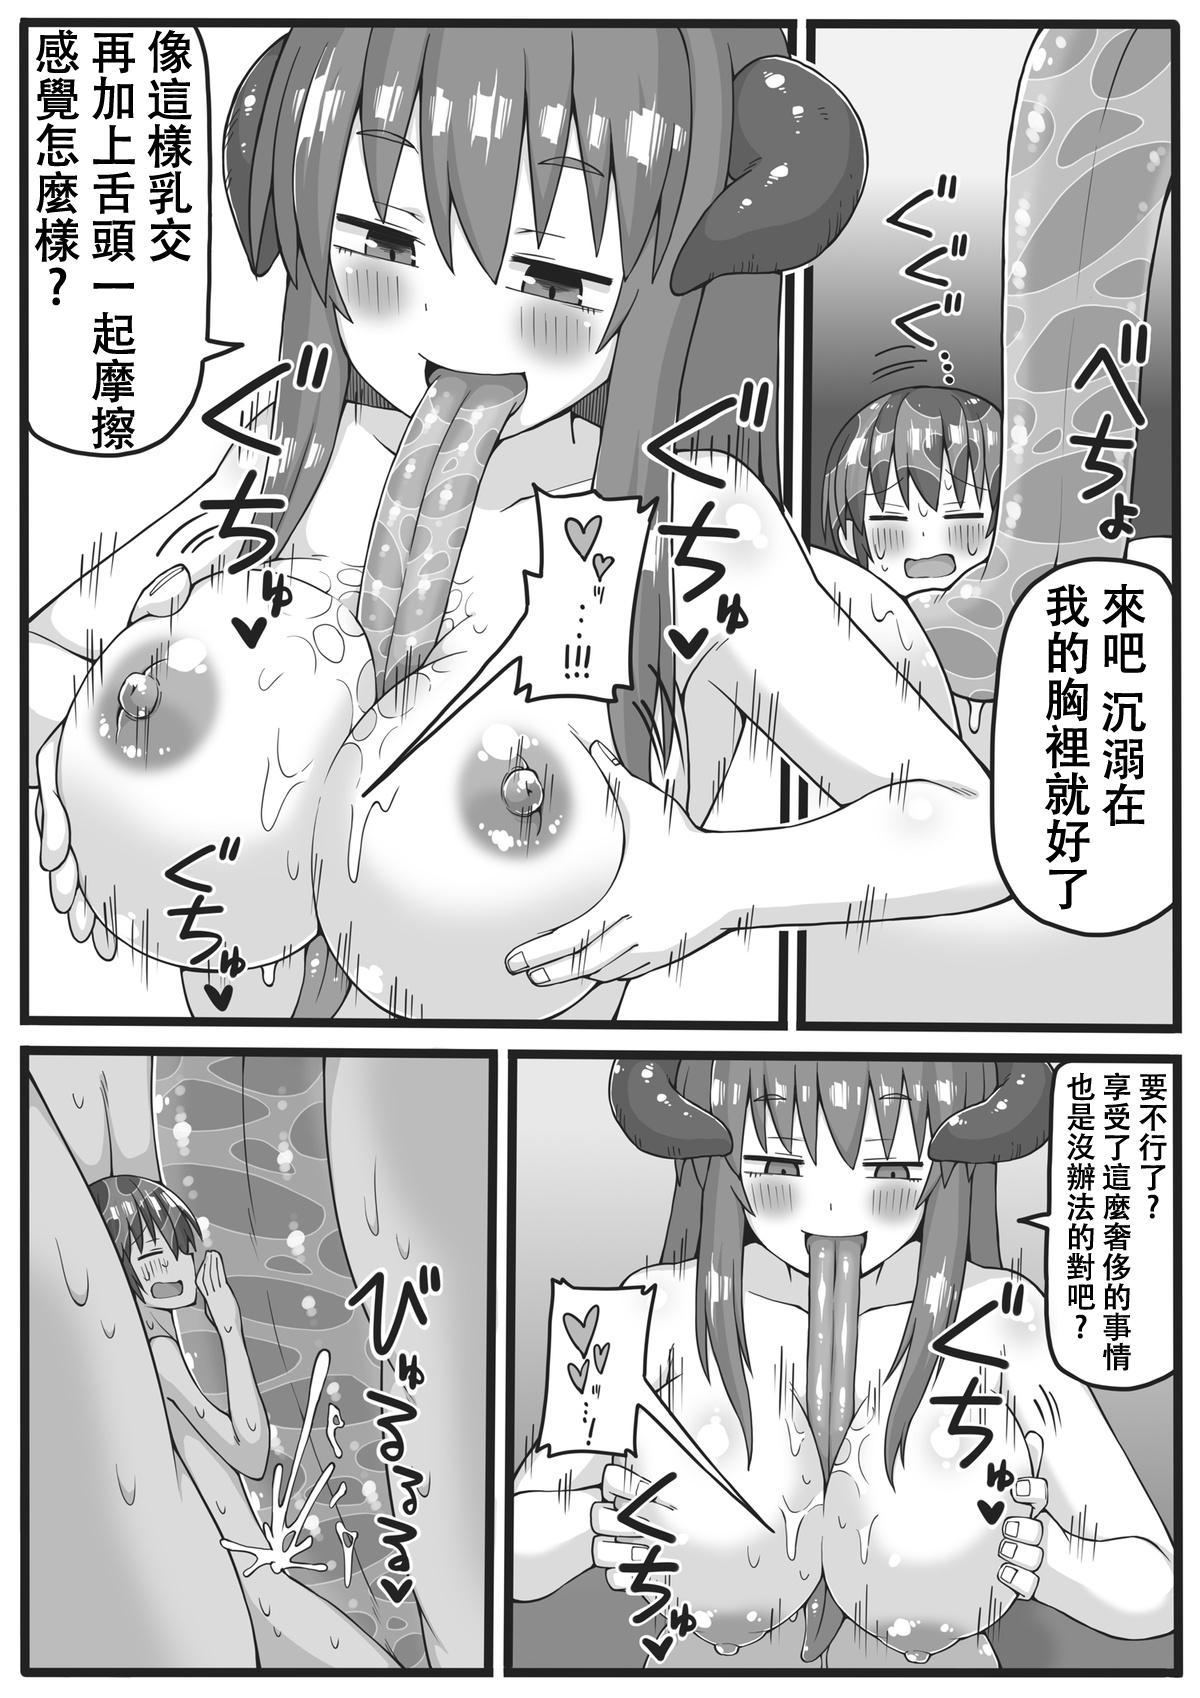 Yuusha ga Chiisaku Ecchi na Koto o Sarete Shimau Manga 15